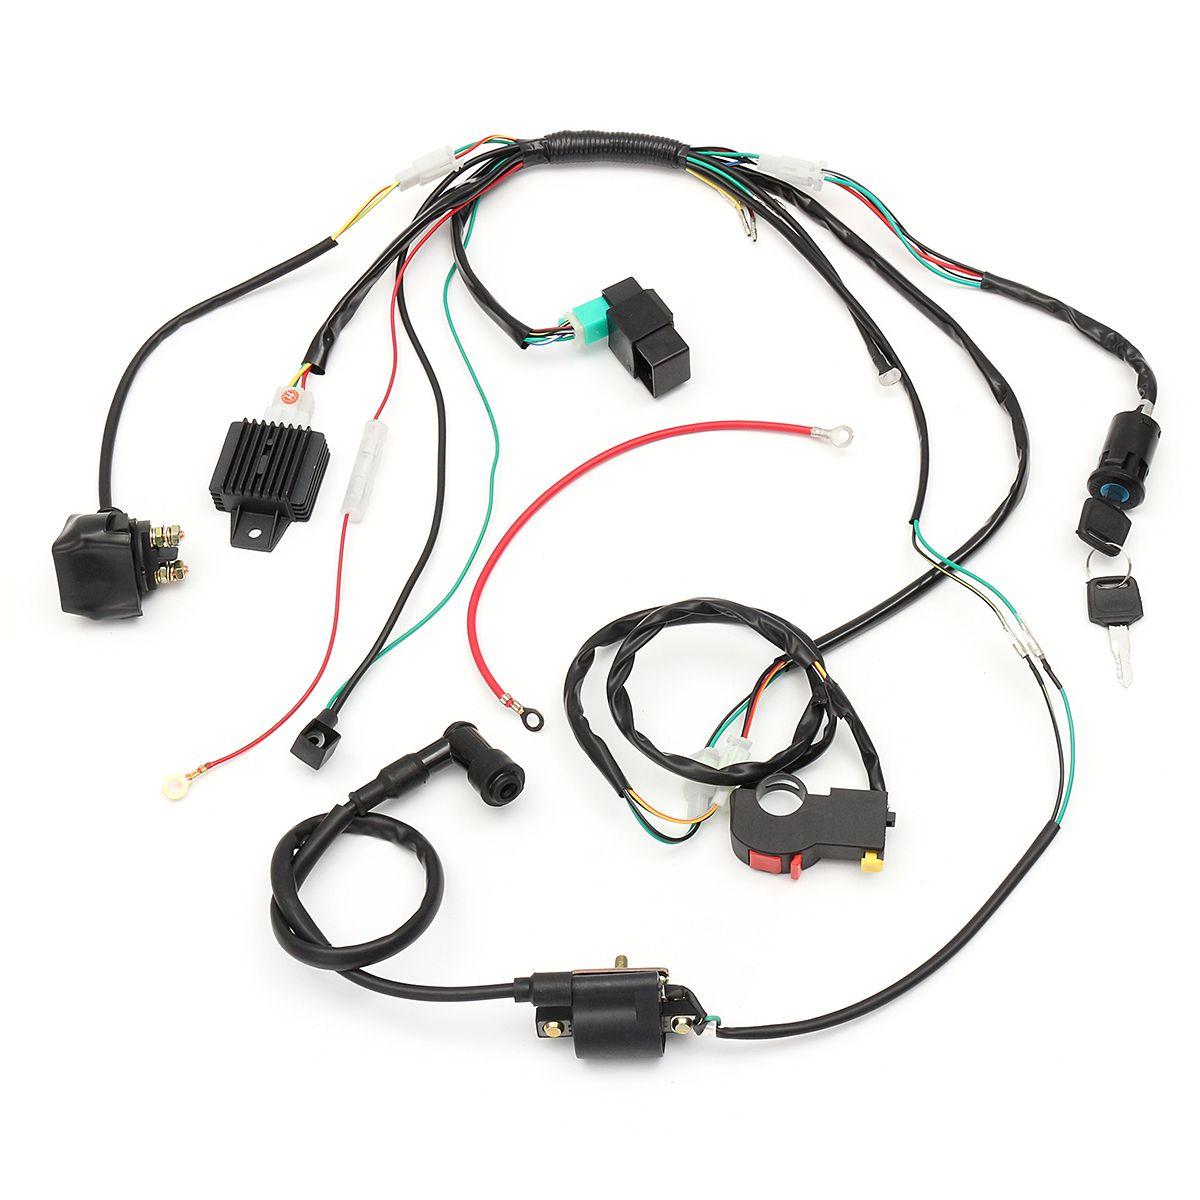 wiring harness loom solenoid coil rectifier cdi for 50cc 70cc 90ccwiring harness loom solenoid coil rectifier [ 1200 x 1200 Pixel ]